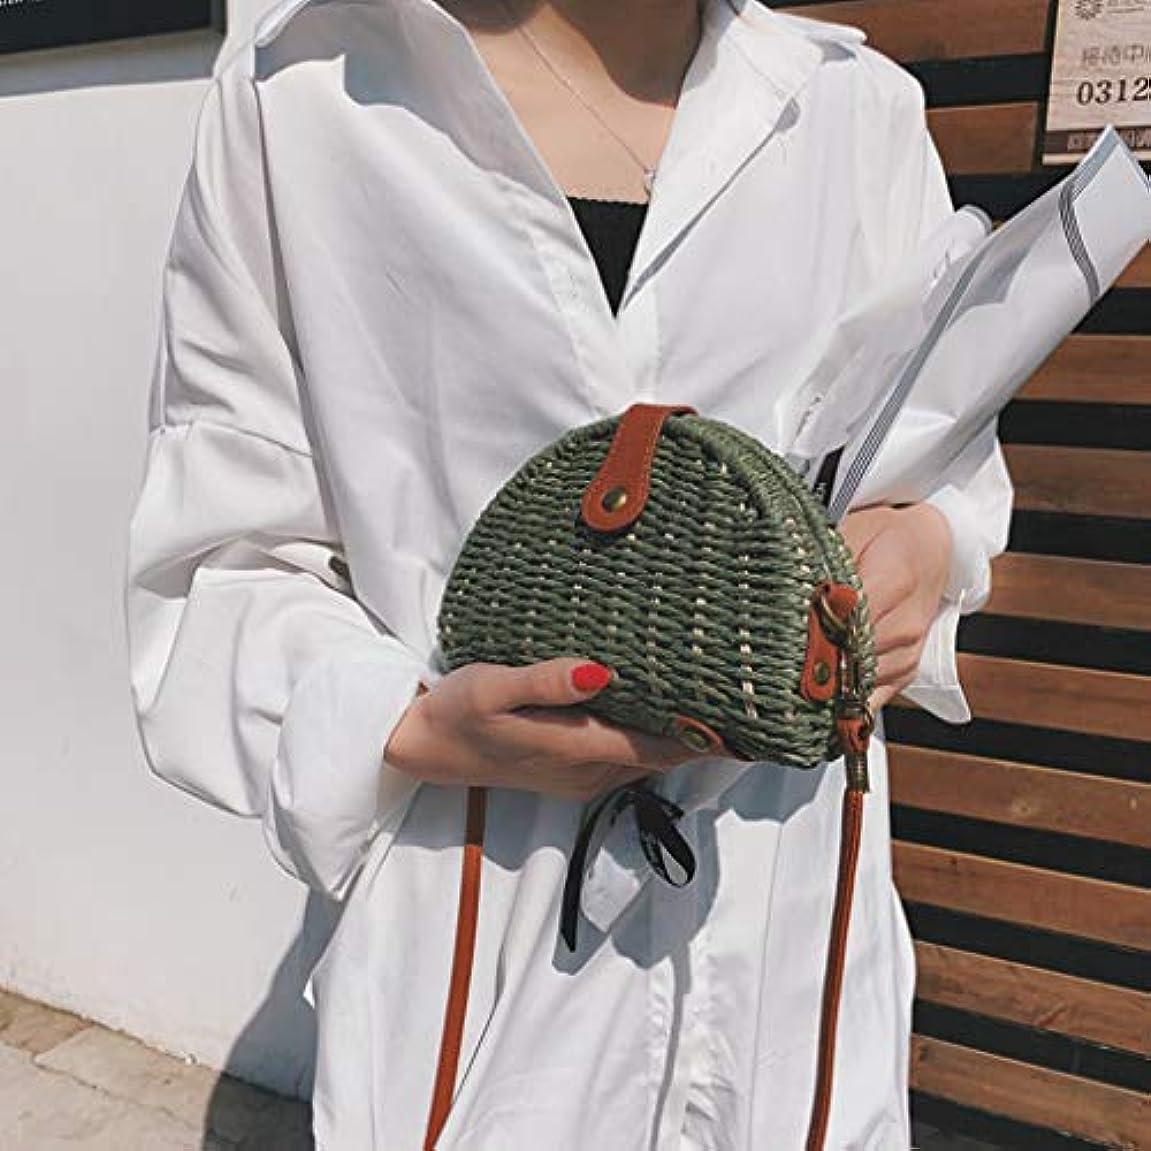 にじみ出る社会科シャンプー女性ミニ織りビーチショルダーバッグレディースボヘミアンスタイルレジャーハンドバッグ、女性のミニ織クロスボディバッグ、レディースミニファッションビーチスタイルクロスボディバッグ (緑)